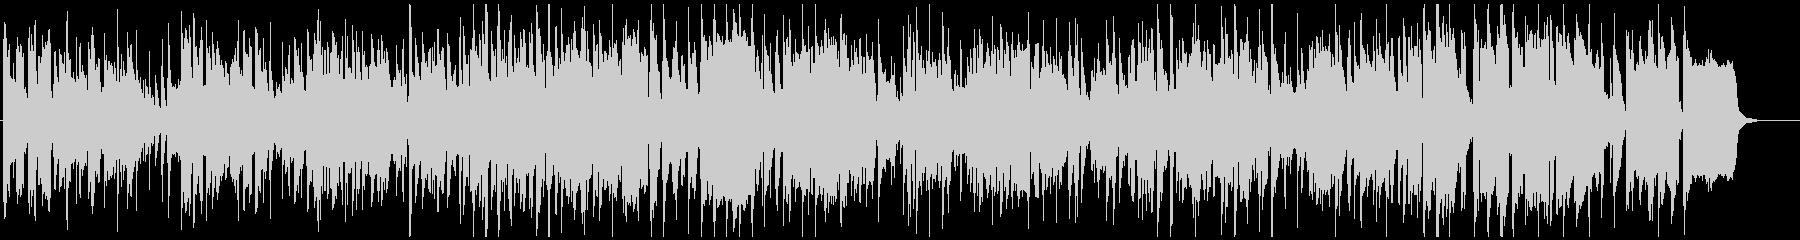 ウキウキするサックス生演奏ジャズファンクの未再生の波形